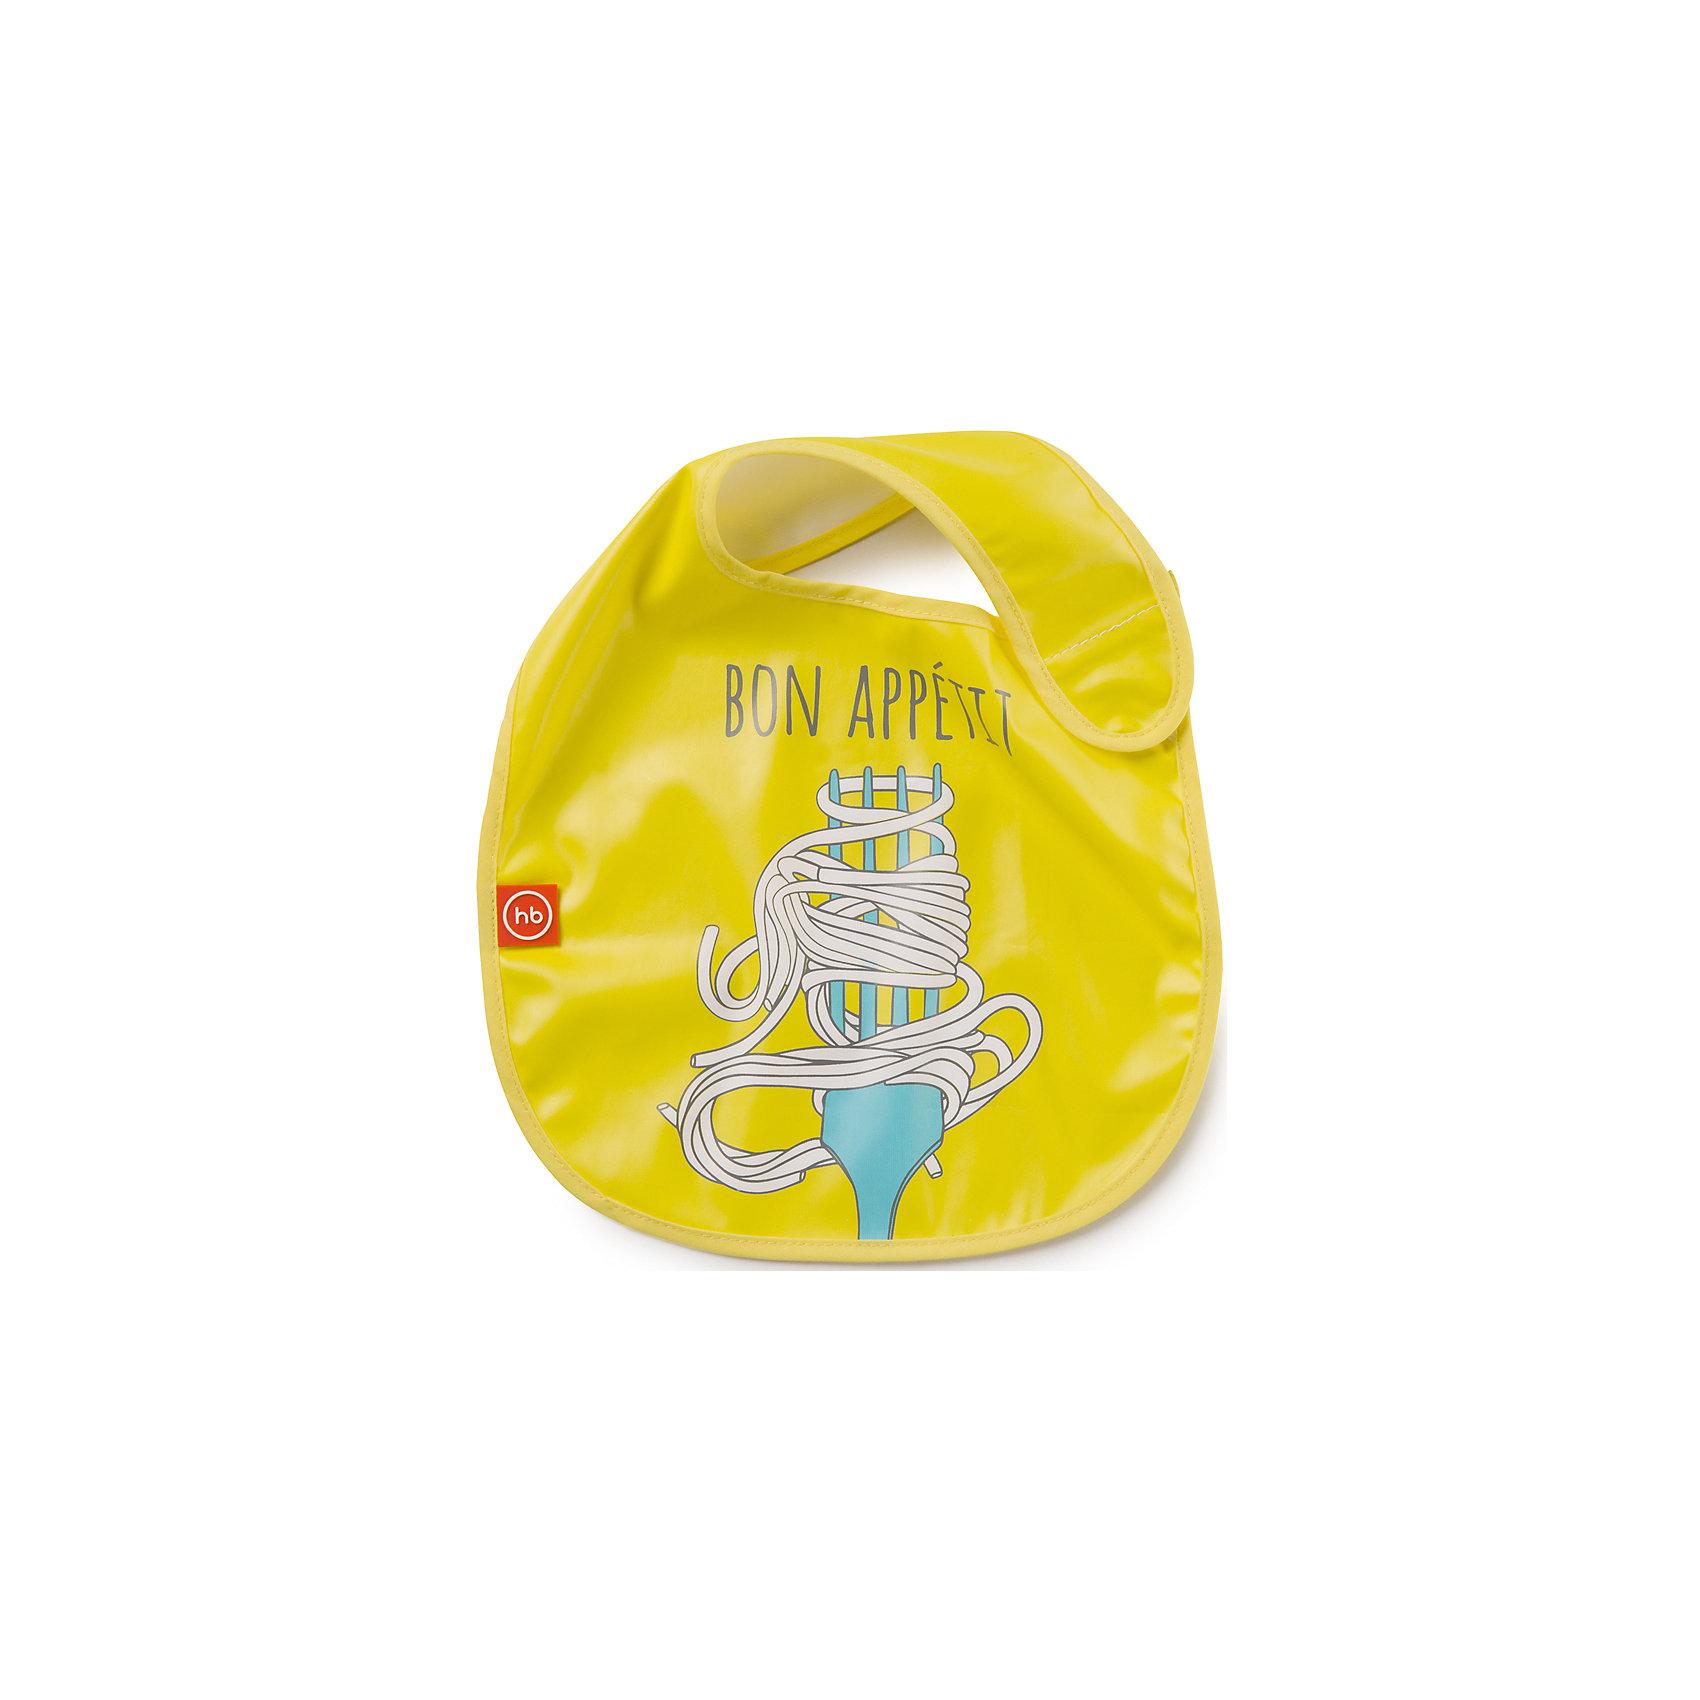 Нагрудник на липучке, Happy Baby, желтыйНагрудники и салфетки<br>Каждый малыш, вырастая, учится многим вещам. Приучить его есть и пить самому - непростой процесс, но на помощь родителям придут разработанные профессионалами приспособления - например, нагрудники. Нагрудник на липучке  от Happy Baby (Хэпи Бэби) позволит малышу легче научиться есть и пить самостоятельно.<br>Он отличается удобной формой, приятный на ощупь. Надежно защитит одежду малыша от остатков пищи и пятен. Нагрудник легко застегивается благодаря липучке. Украшен он симпатичным рисунком. Сделан нагрудник из высококачественных и безопасных для малышей материалов.<br><br>Дополнительная информация:<br><br>цвет: разноцветный;<br>удобная форма;<br>украшен принтом;<br>застежка - липучка.<br><br>Нагрудник на липучке Happy Baby (Хэпи Бэби), желтый, можно купить в нашем магазине.<br><br>Ширина мм: 5<br>Глубина мм: 260<br>Высота мм: 310<br>Вес г: 49<br>Возраст от месяцев: 6<br>Возраст до месяцев: 36<br>Пол: Унисекс<br>Возраст: Детский<br>SKU: 4695005